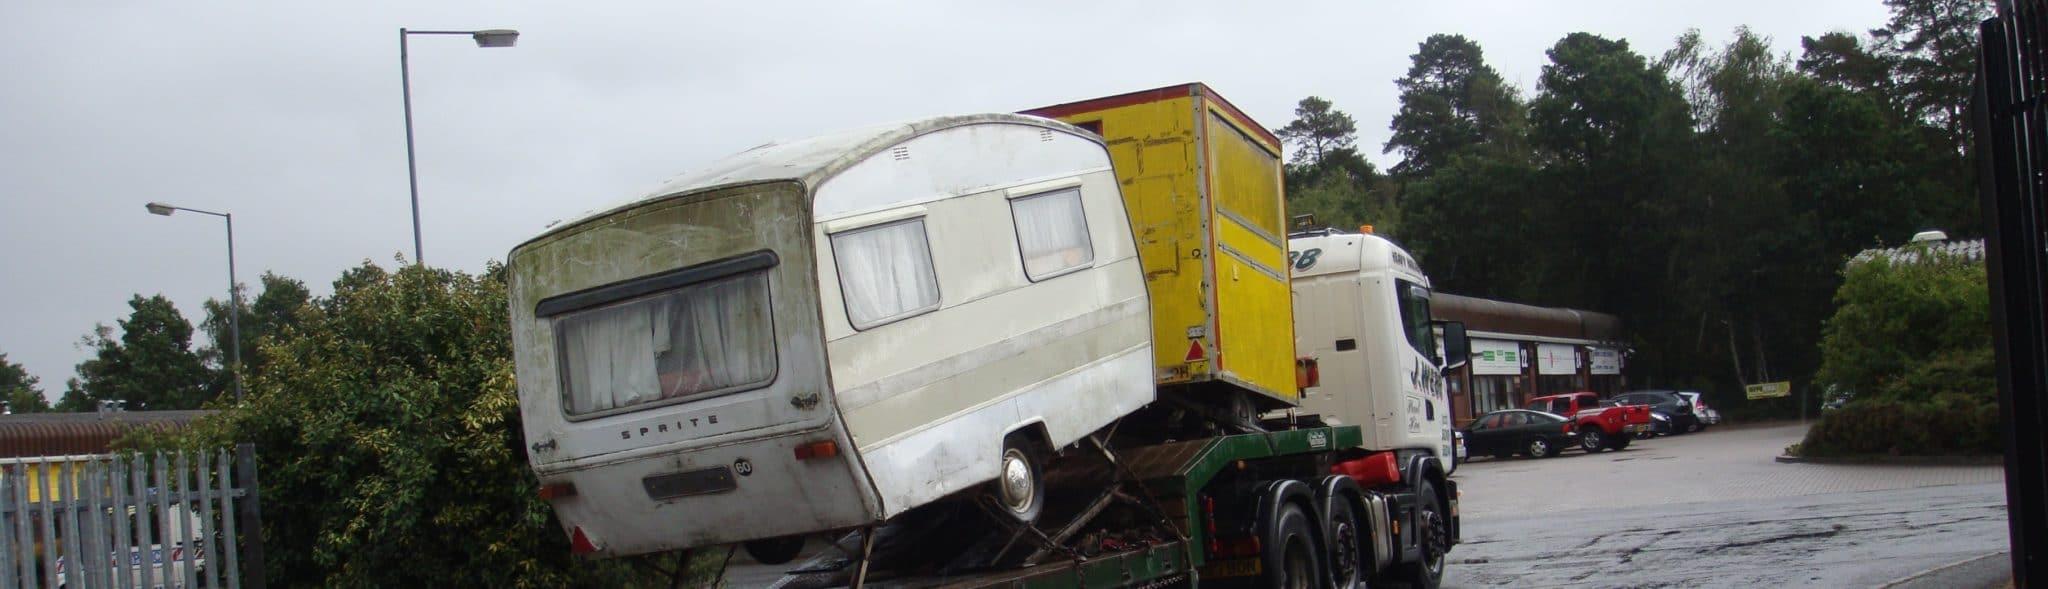 Caravan-Removal